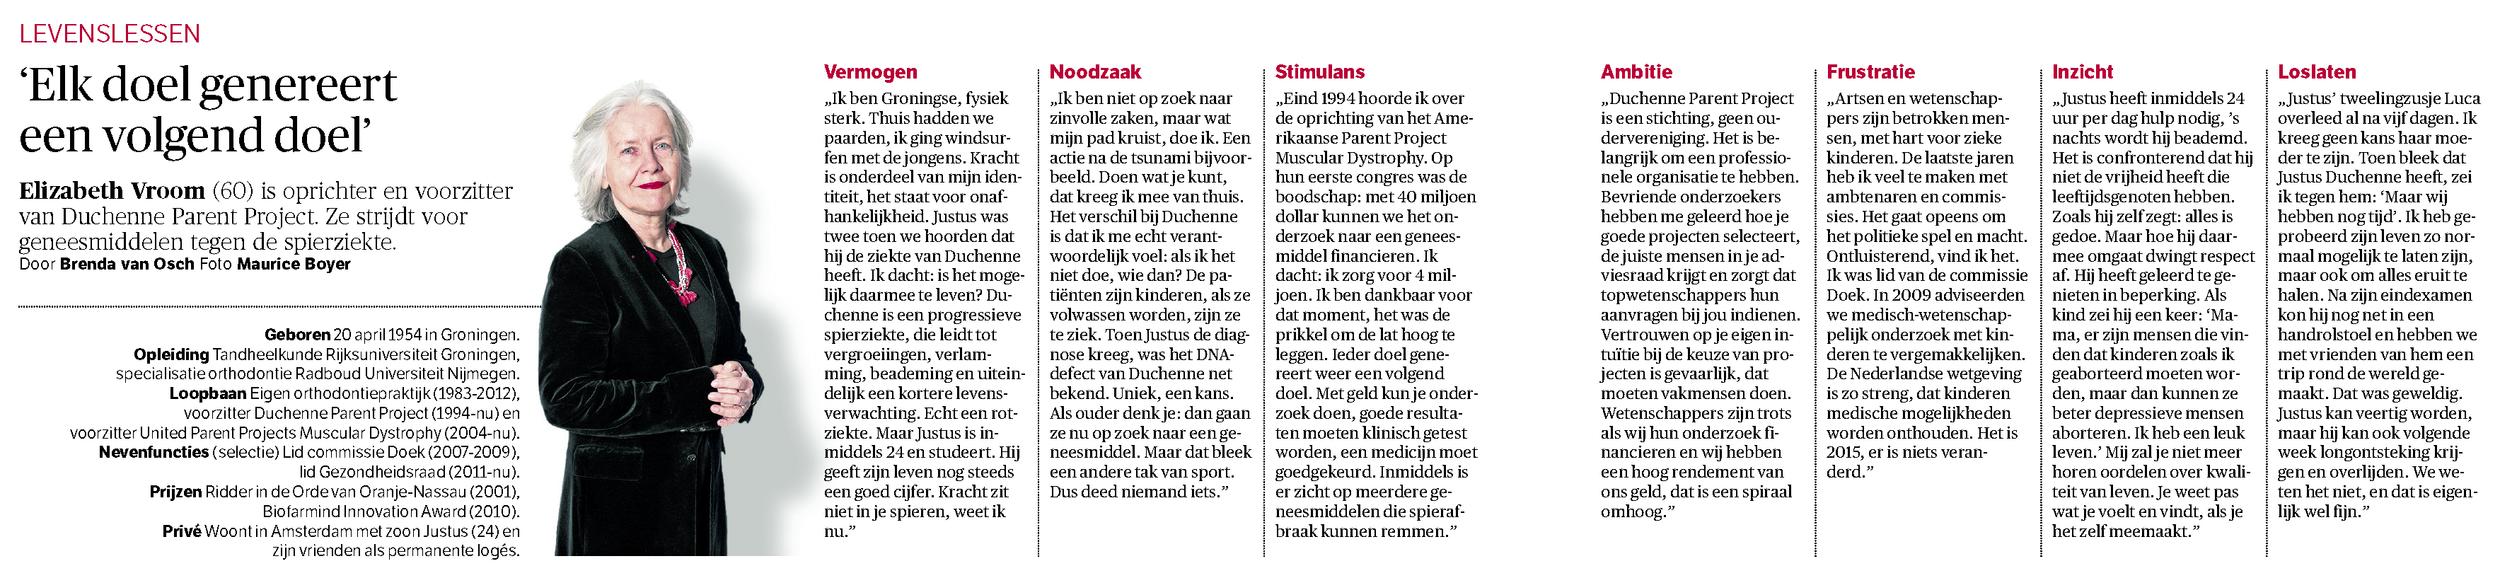 NRC Handelsblad - 10 januari 2015